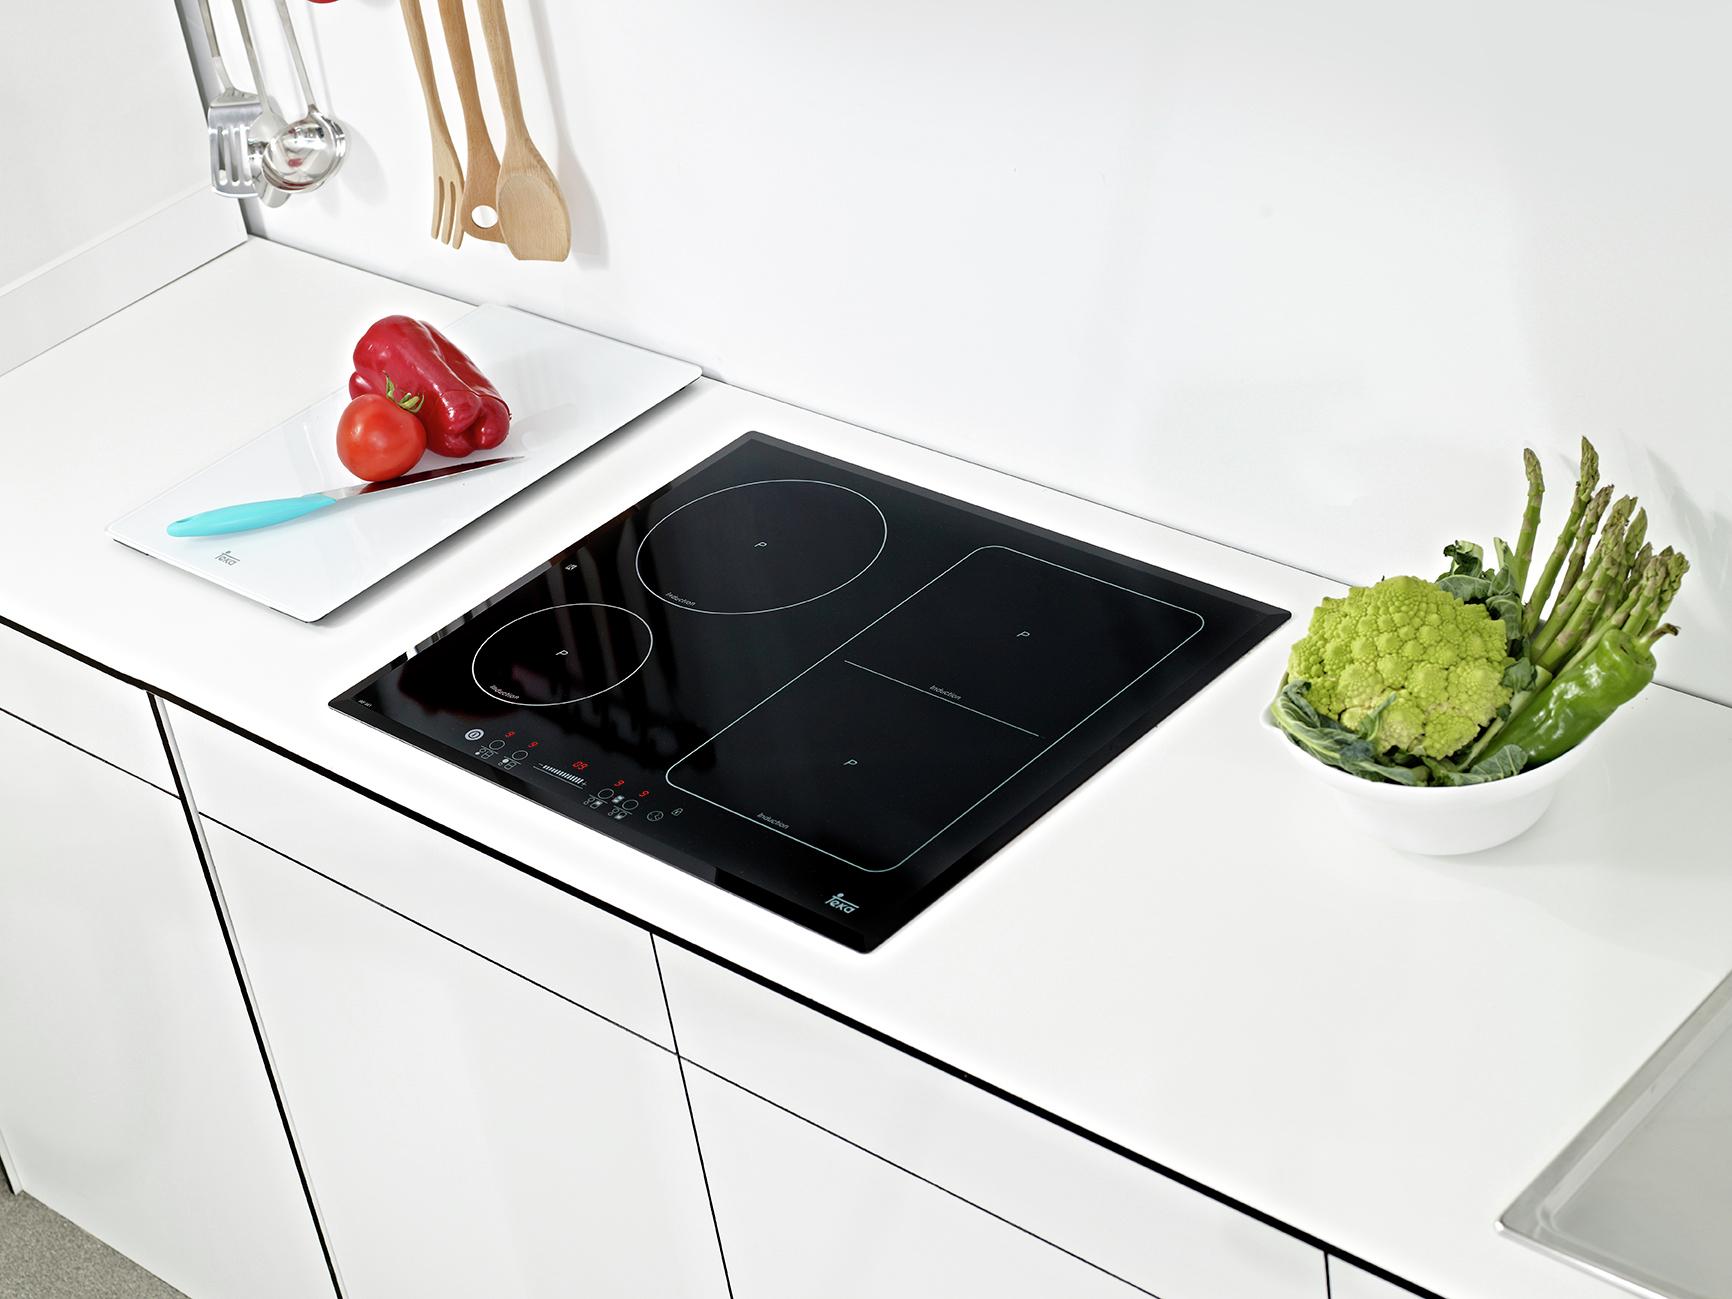 Galer a de materiales cocinas encimeras 6 - Encimeras de cocina materiales ...